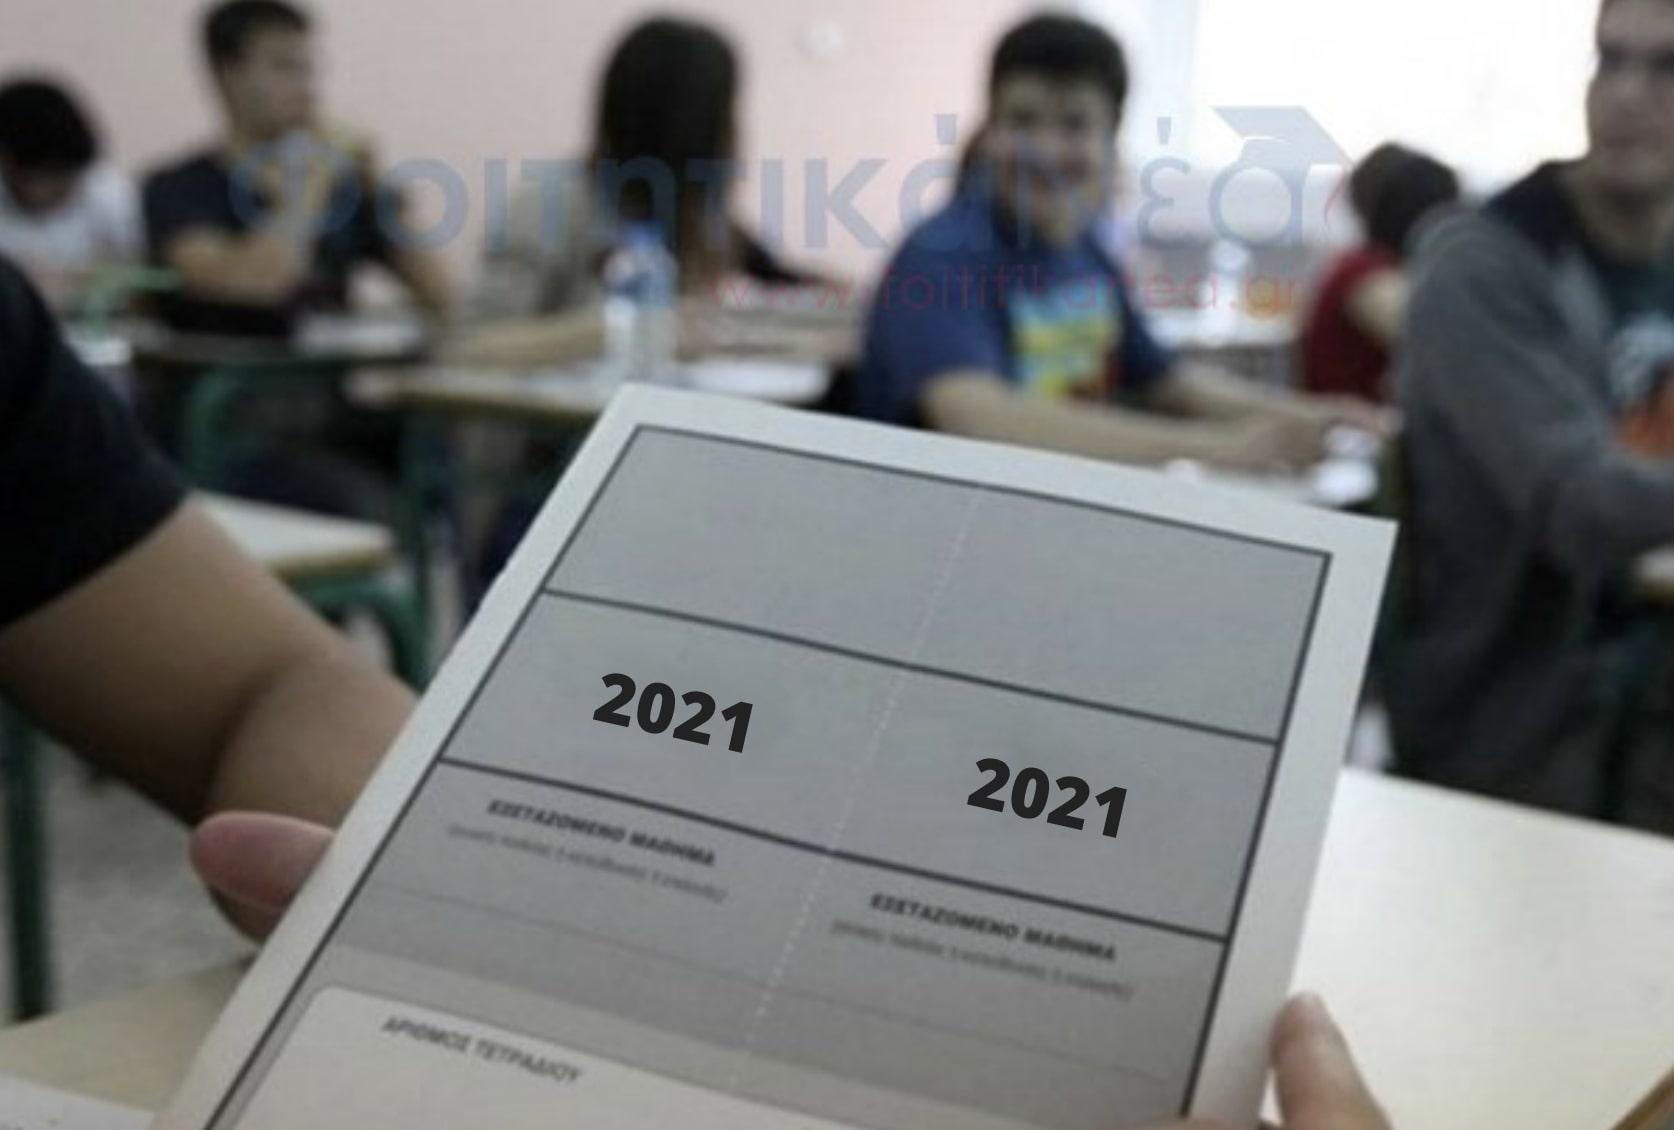 Πανελλήνιες 2021: Πότε ξεκινούν τα μαθήματα της Γ΄ Λυκείου -Το ωρολόγιο πρόγραμμα